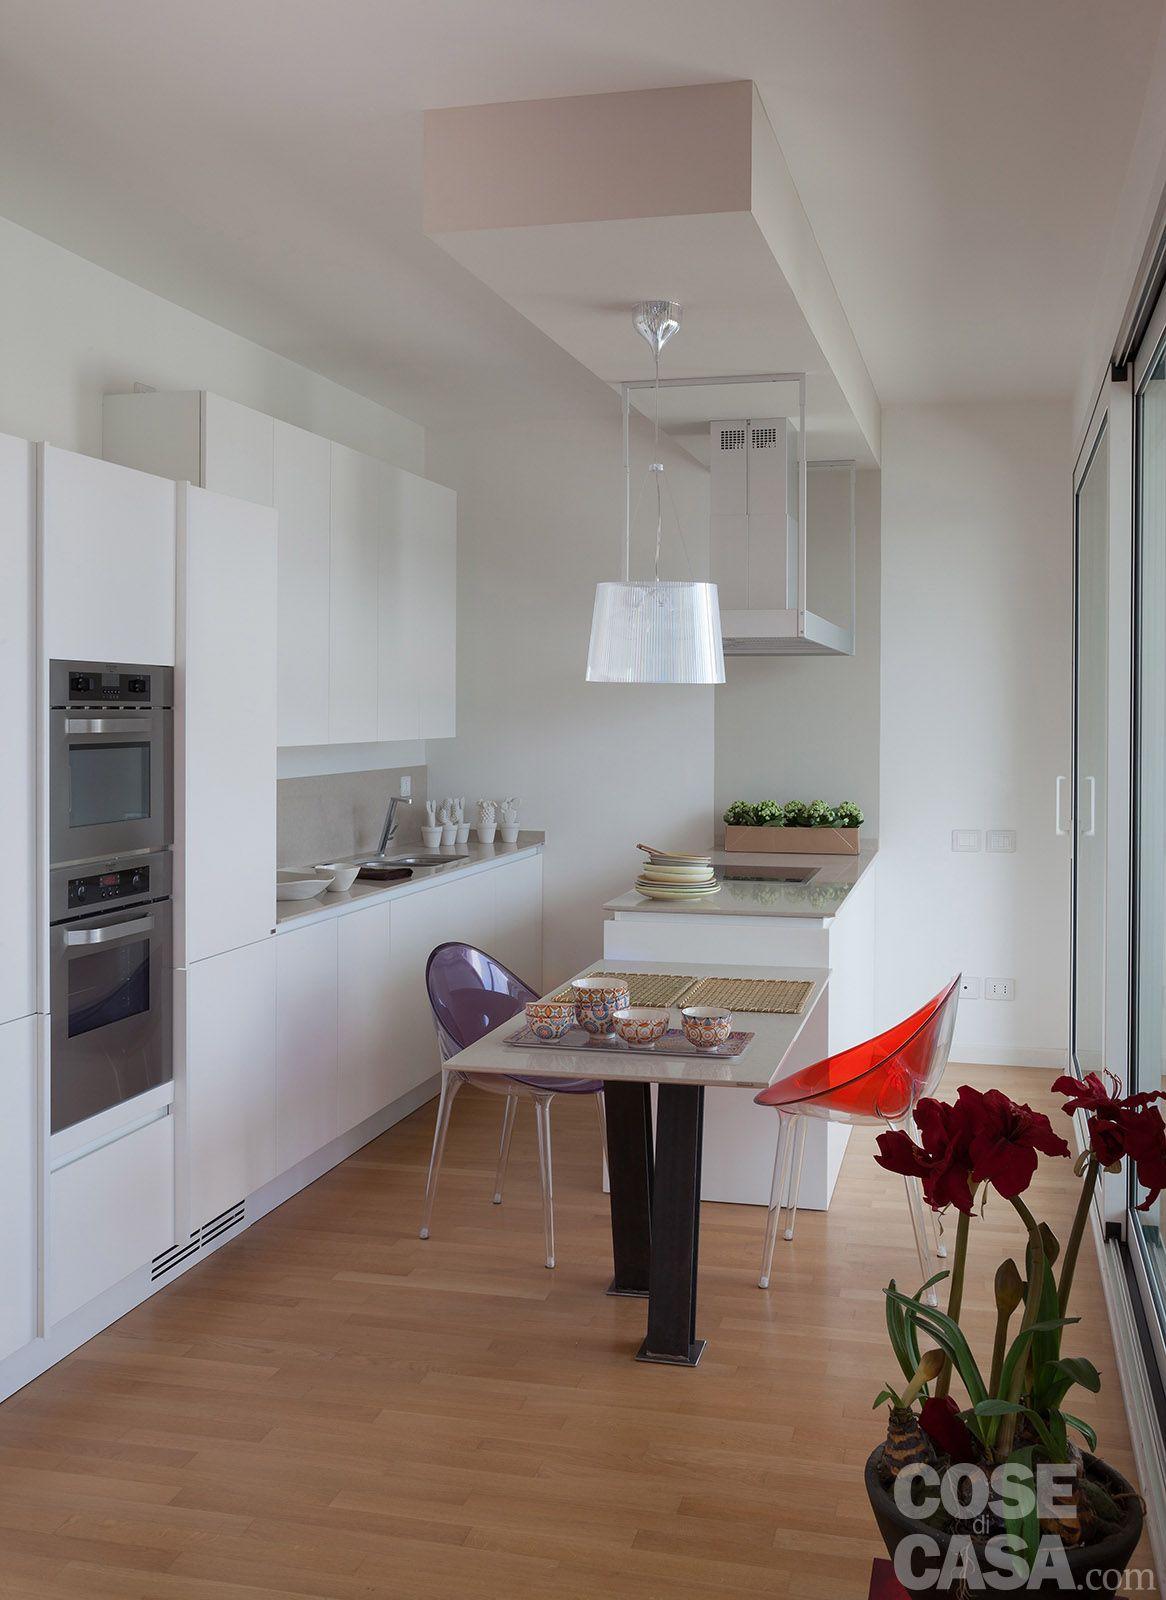 cucina e soggiorno open space - bianco e nero a contrasto | spaces ... - Soggiorno E Cucina In 60 Mq